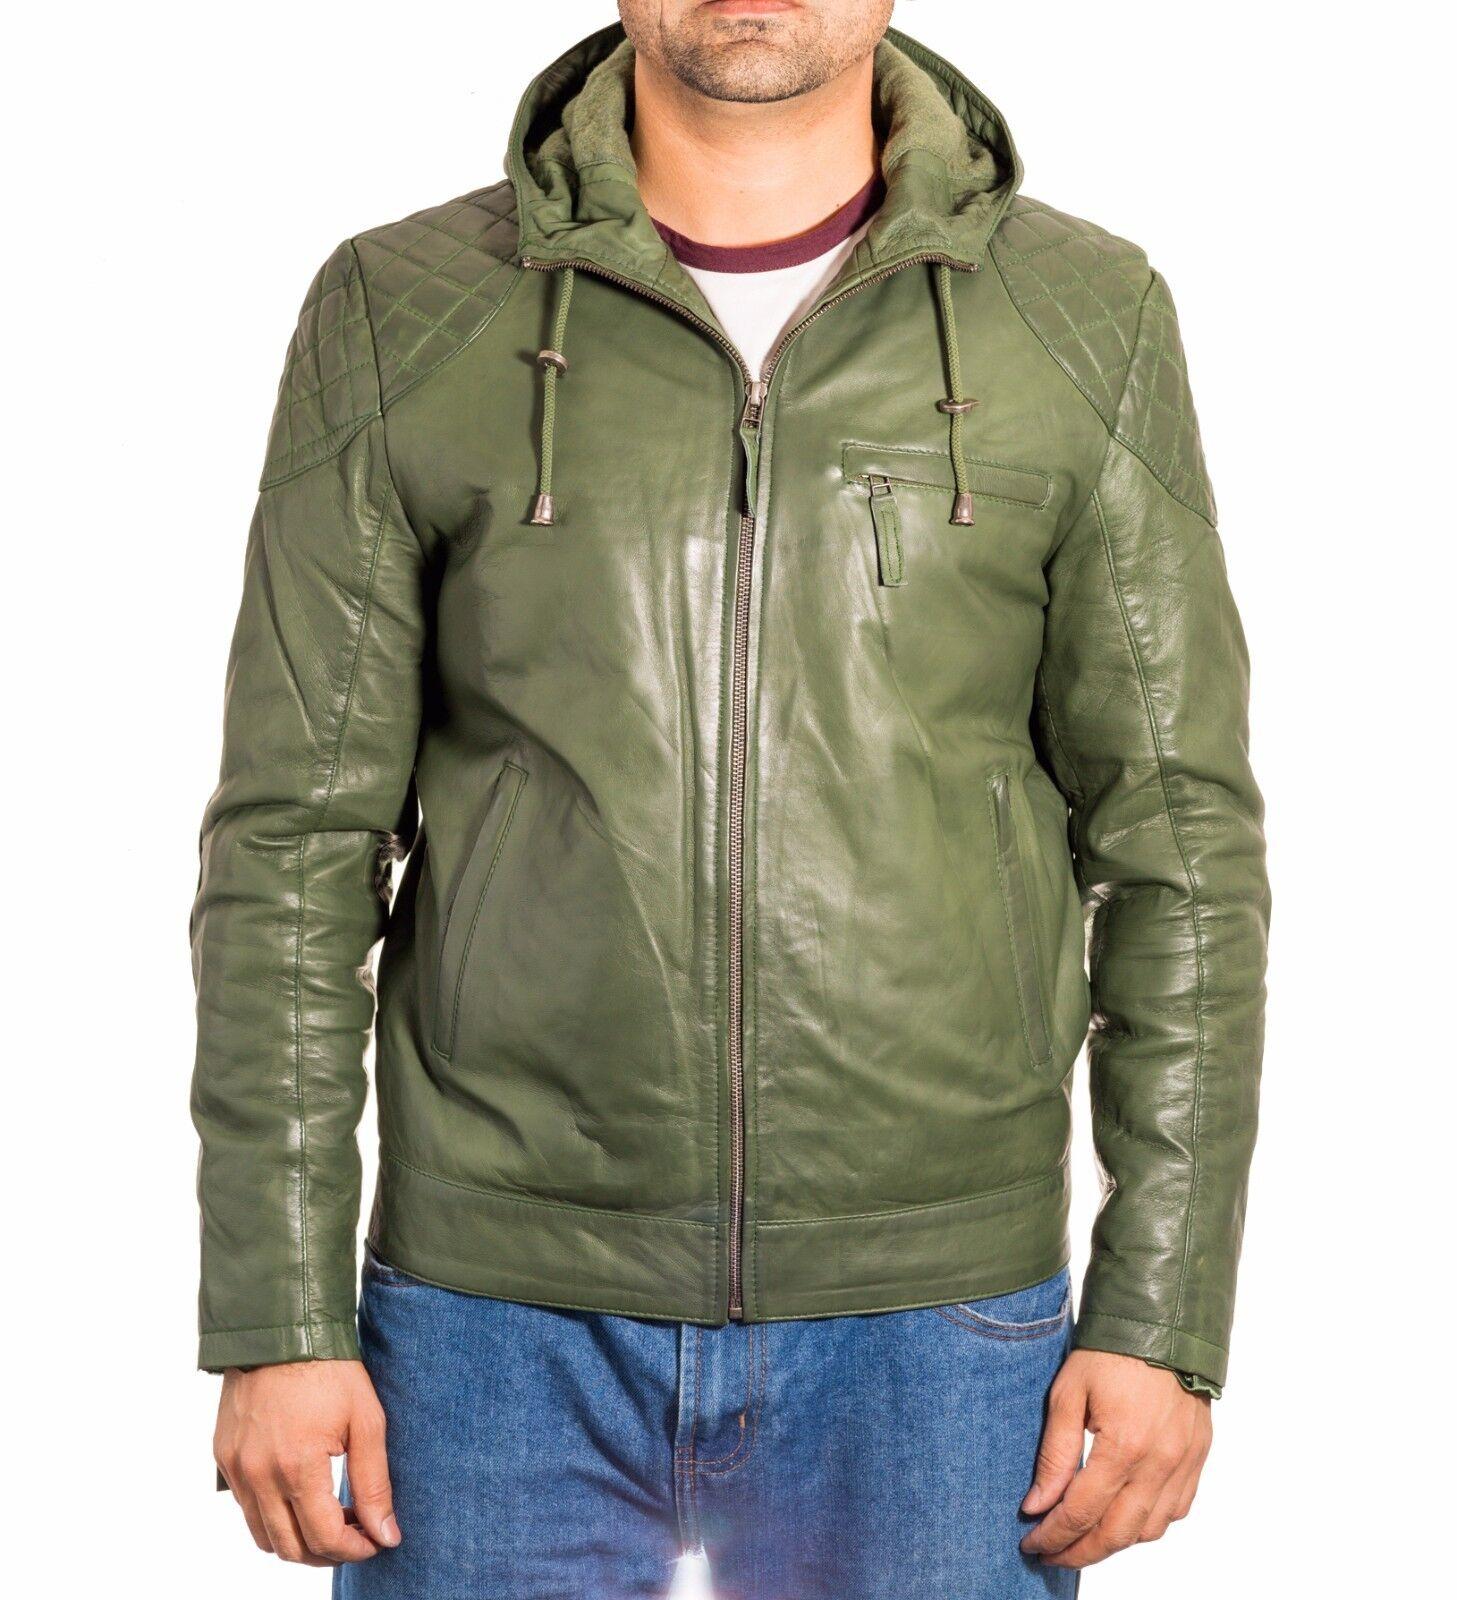 Uomo's Pelle verde Vera Pelle Uomo's Giacca con cappuccio Bomber con Cappuccio Trapuntato a tracolla dettaglio cdfe53